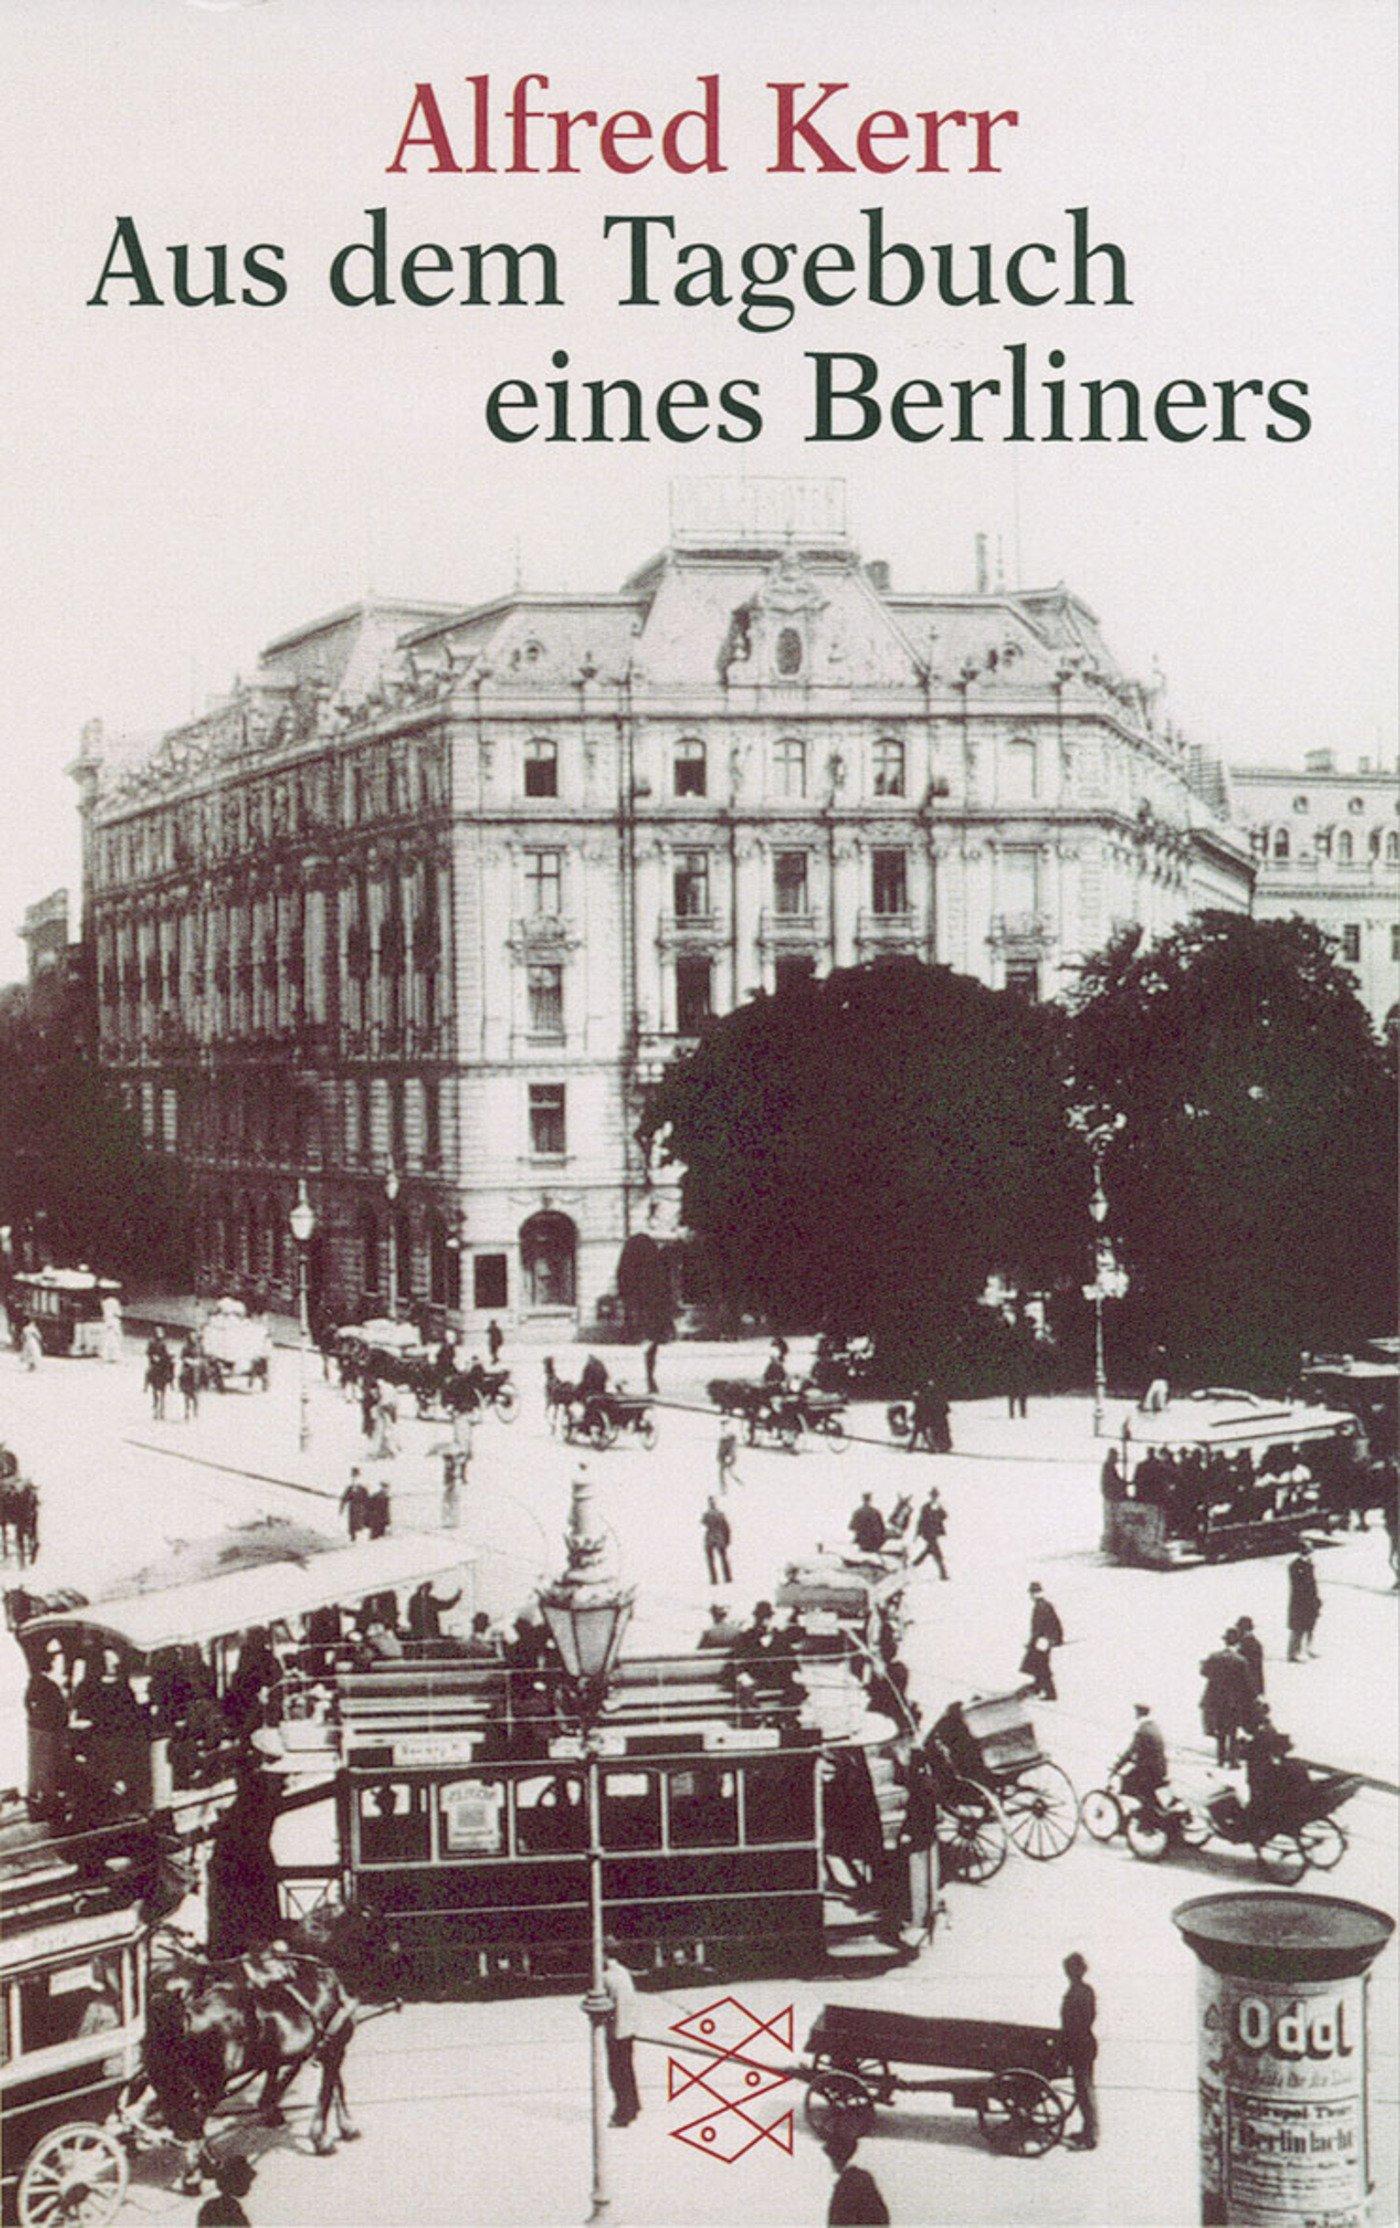 Aus dem Tagebuch eines Berliners Taschenbuch – 1. August 1999 Alfred Kerr FISCHER Taschenbuch 3596144884 Belletristik / Biographien